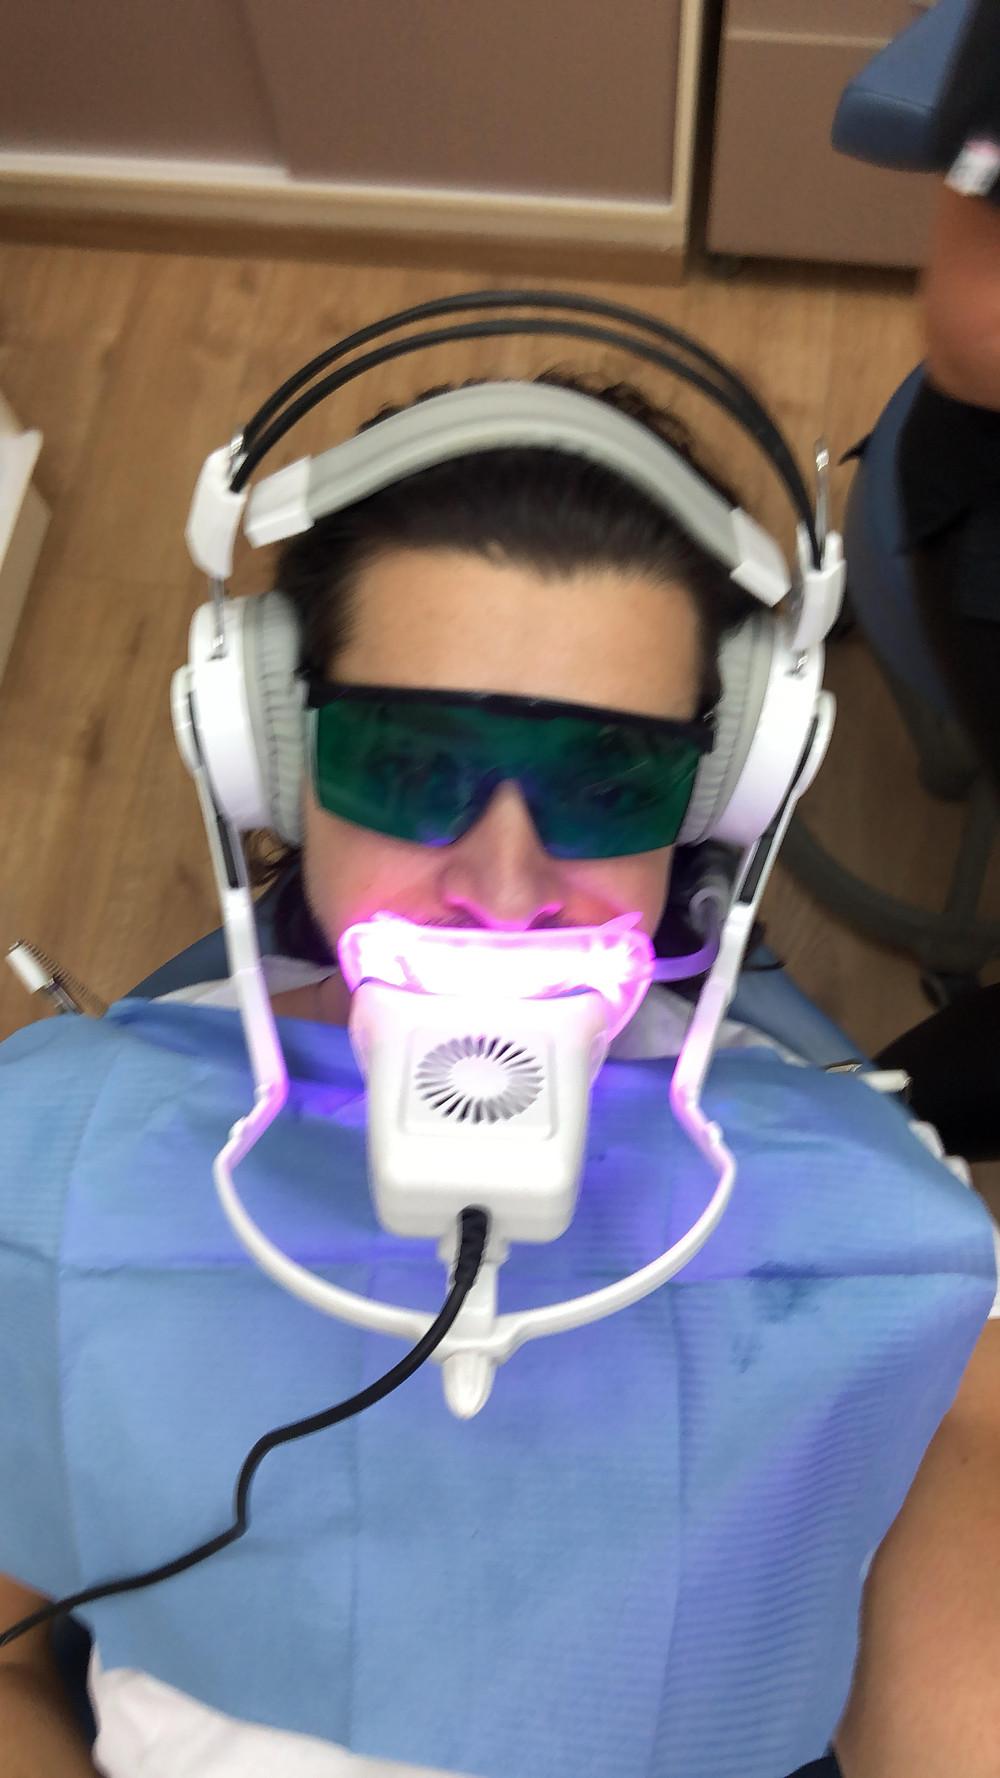 """הלבנת שיניים, הלבנת שיניים בלייזר, הבהרת שיניים, הלבנת שיניים ביתית, מחיר הלבנת שיניים, כמה עולה הלבנת שיניים, מה המחיר של הלבנת שיניים, הלבנת שיניים במרכז, הלבנת שיניים באשדוד, הלבנת שיניים בעיר אשדוד, מחיר הלבנת שיניים באשדוד, הלבנת שיניים שטיפול לייזר, ד""""ר מיכל ליאפיס, מיכל ליאפיס, רופאת שיניים, אושרי בוזגלו, Oshri bozaglo"""